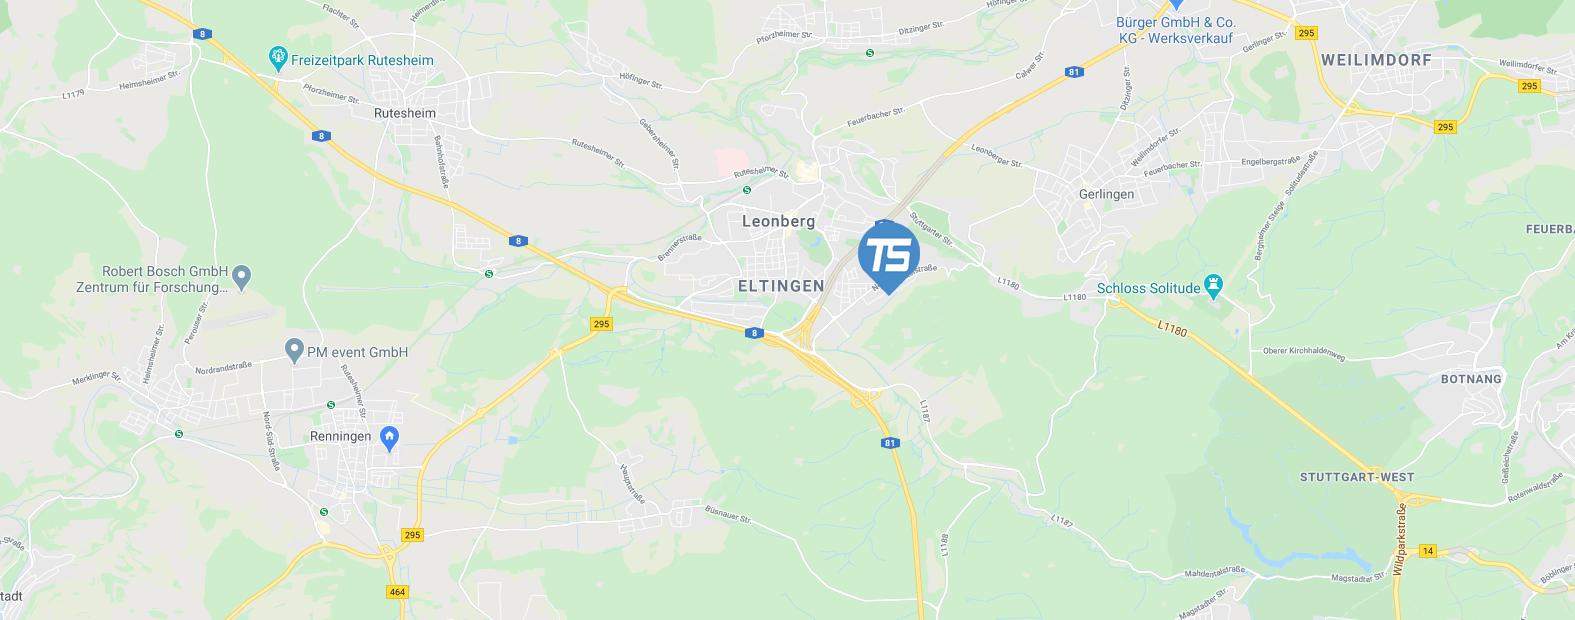 maps-teamservice24